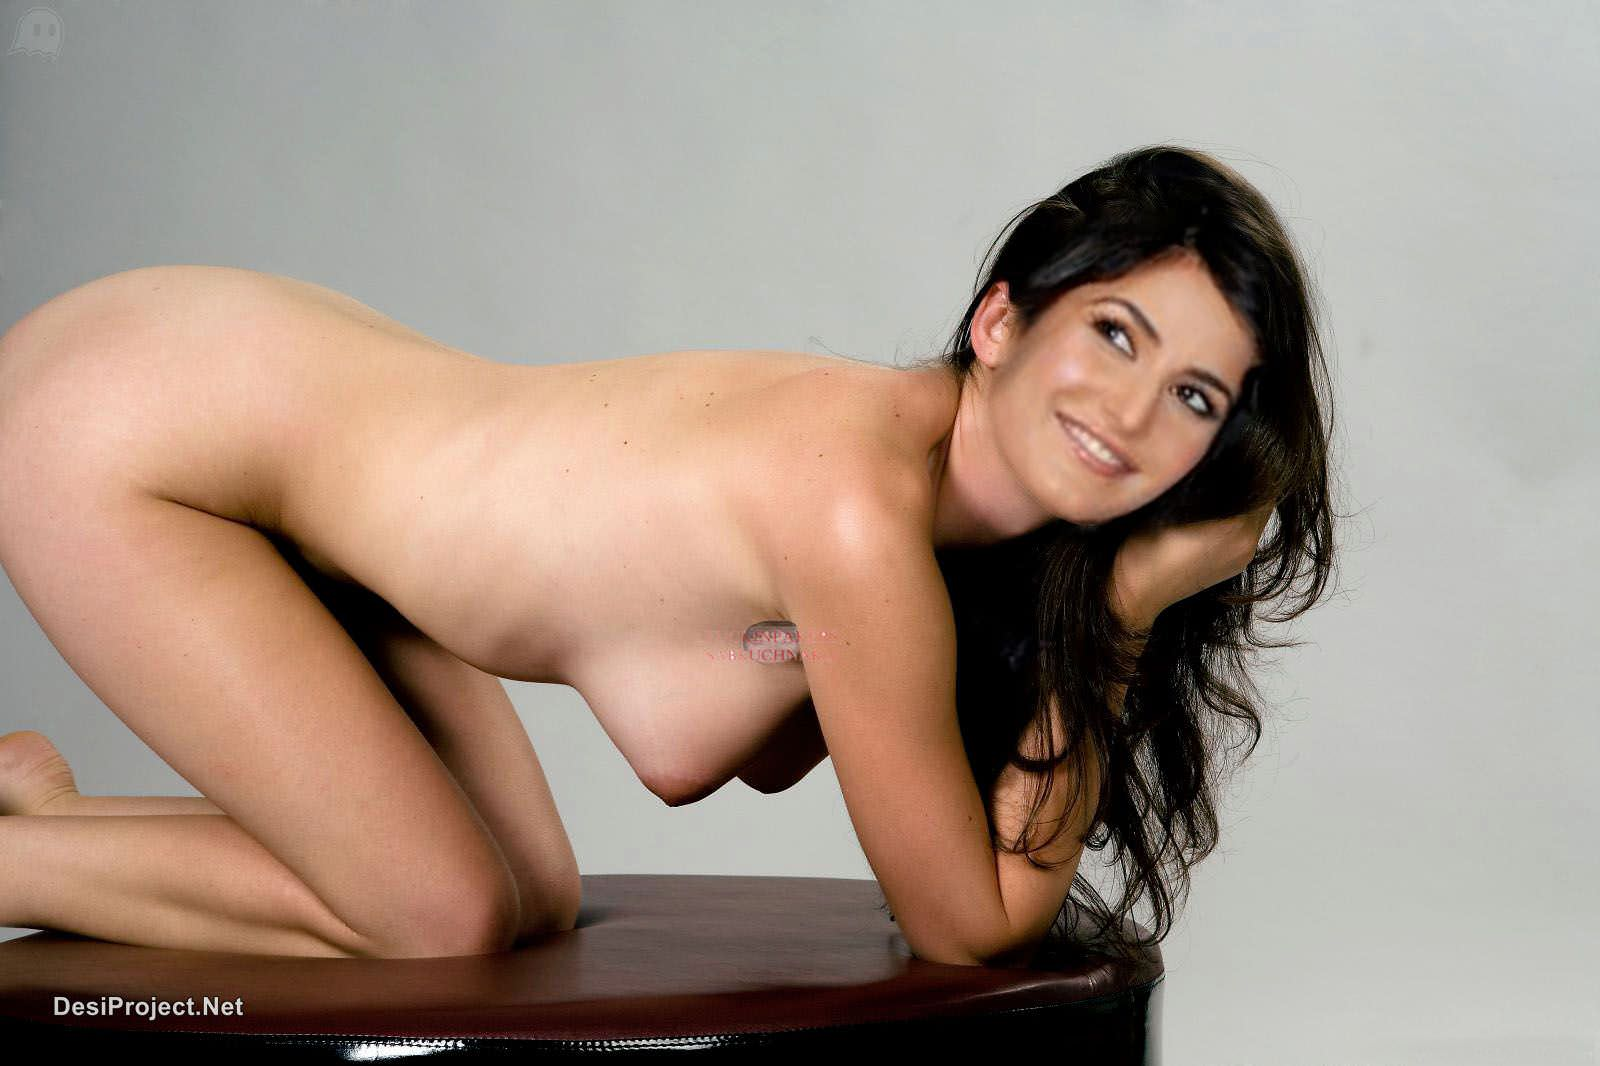 Секс фото кайф 8 фотография